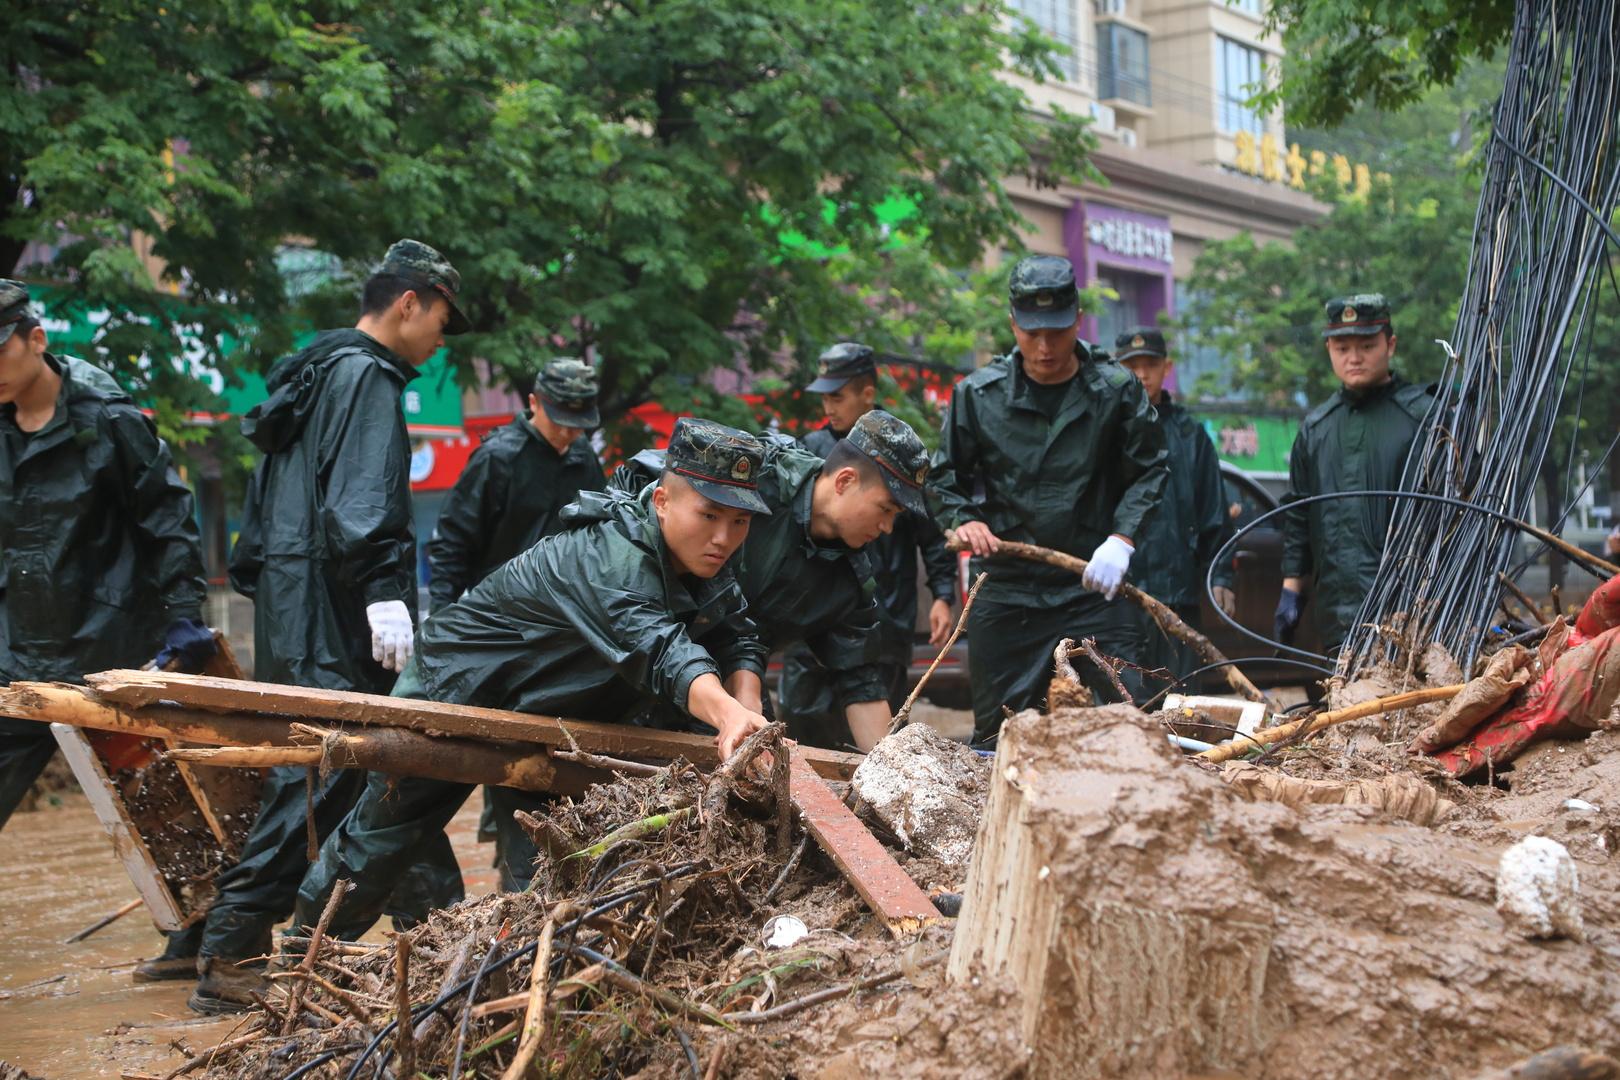 مدينة تشنغتشو الصينية تبدأ عمليات التنظيف بعد عواصف قتلت 33 شخصا